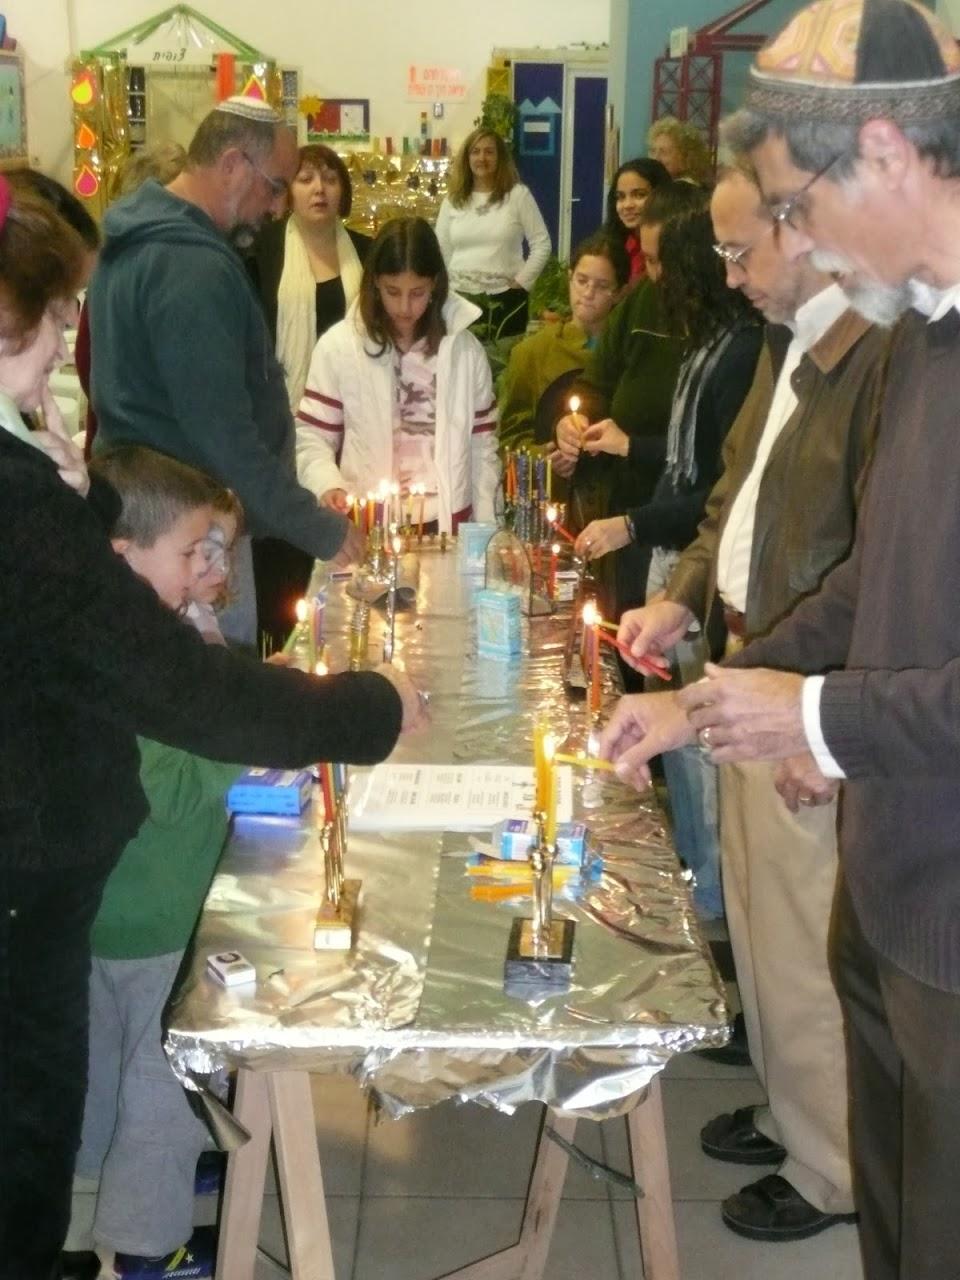 Hanukkah 2008  - 2008-12-26 16.18.20-1.jpg